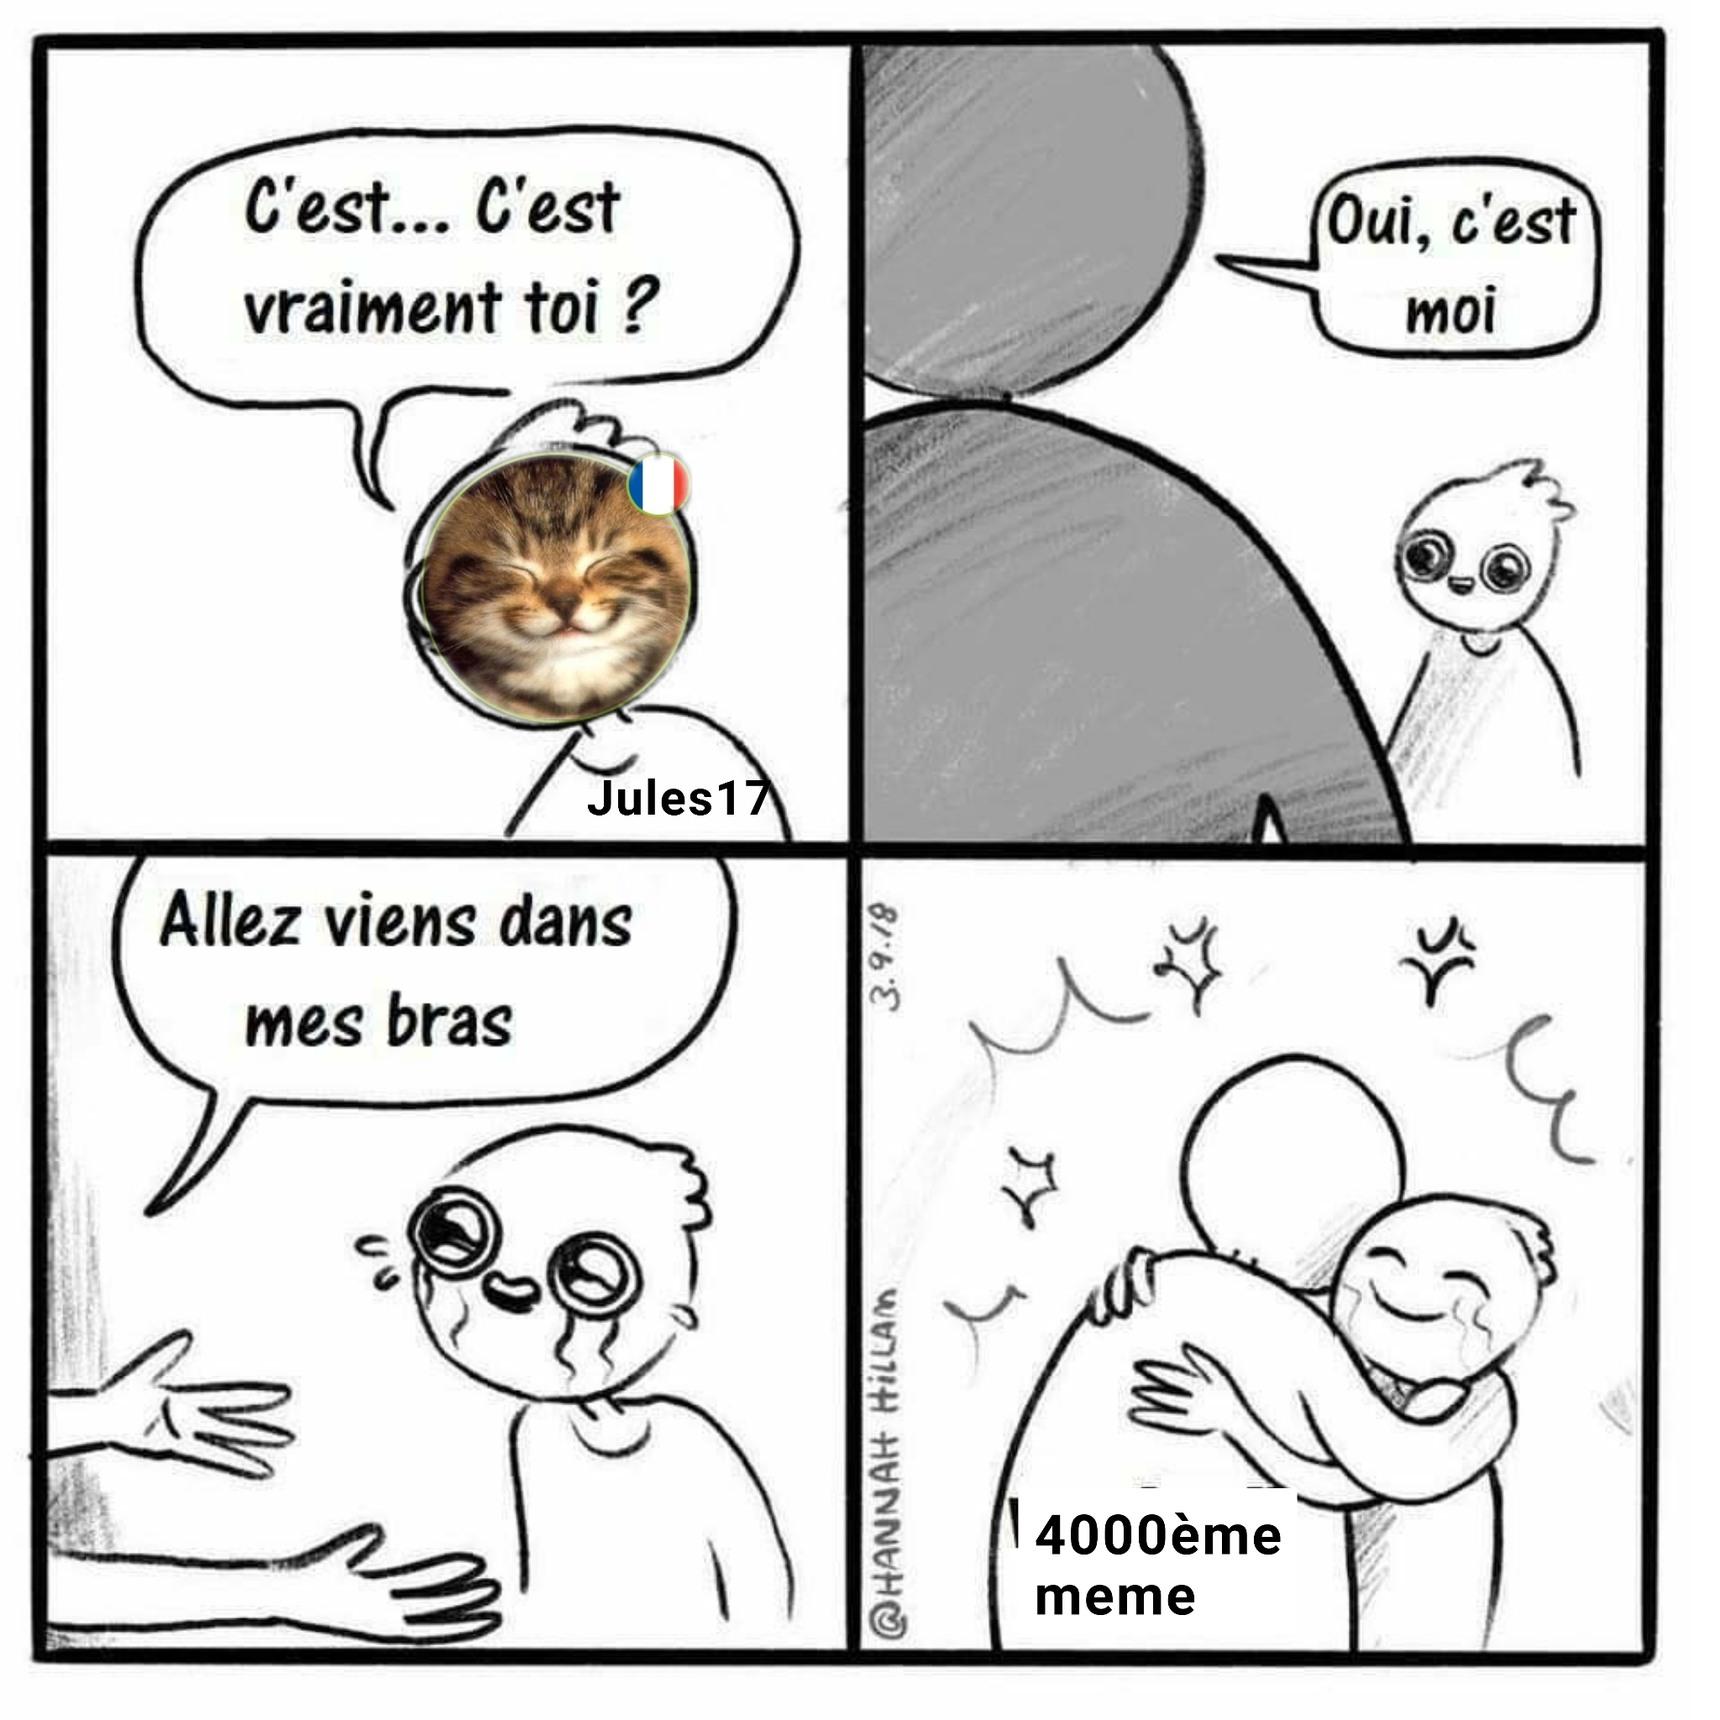 Jules17 et les memes